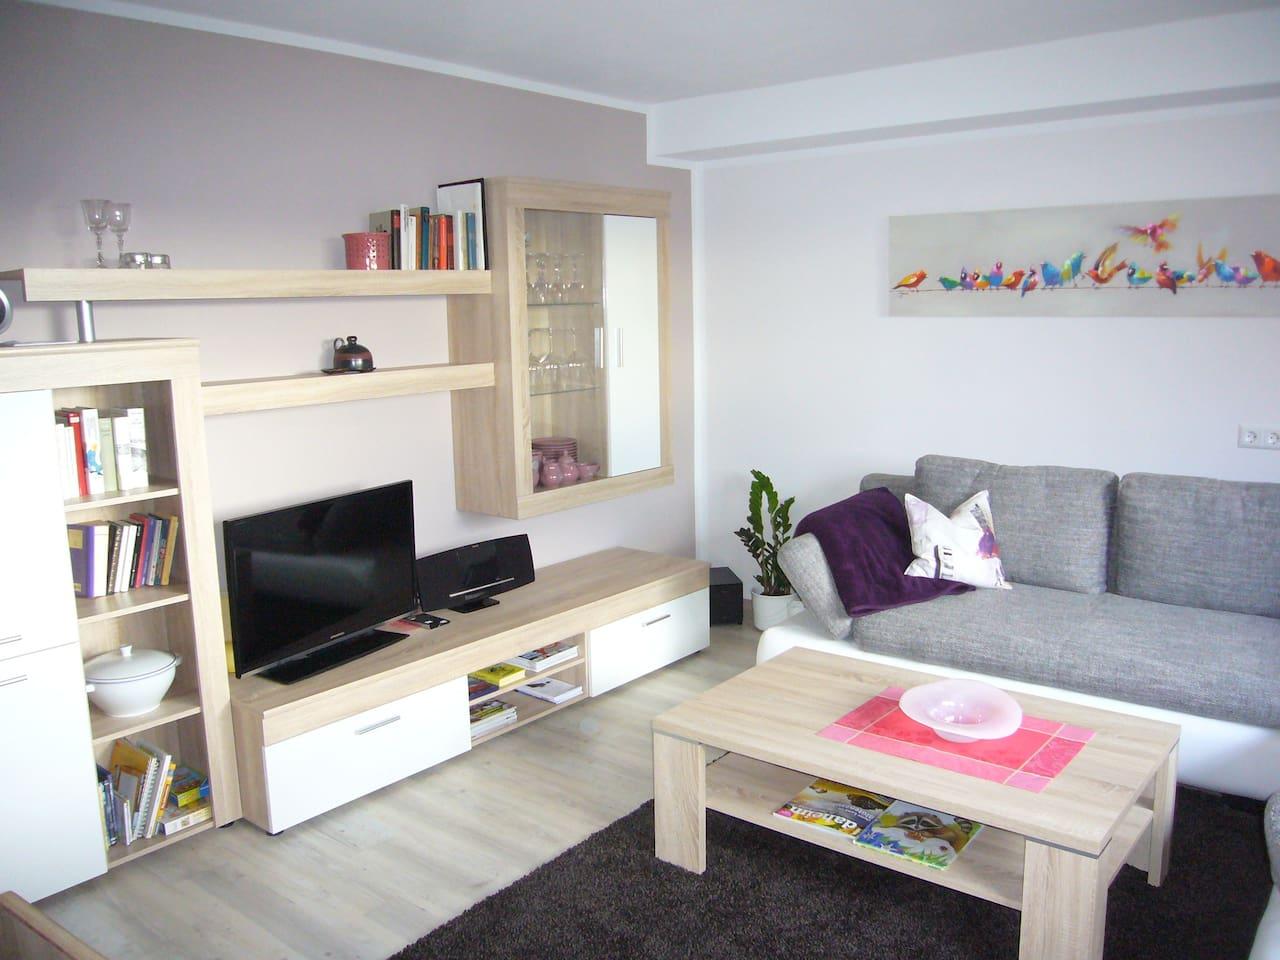 Wohnzimmer mit Heimkinosystem